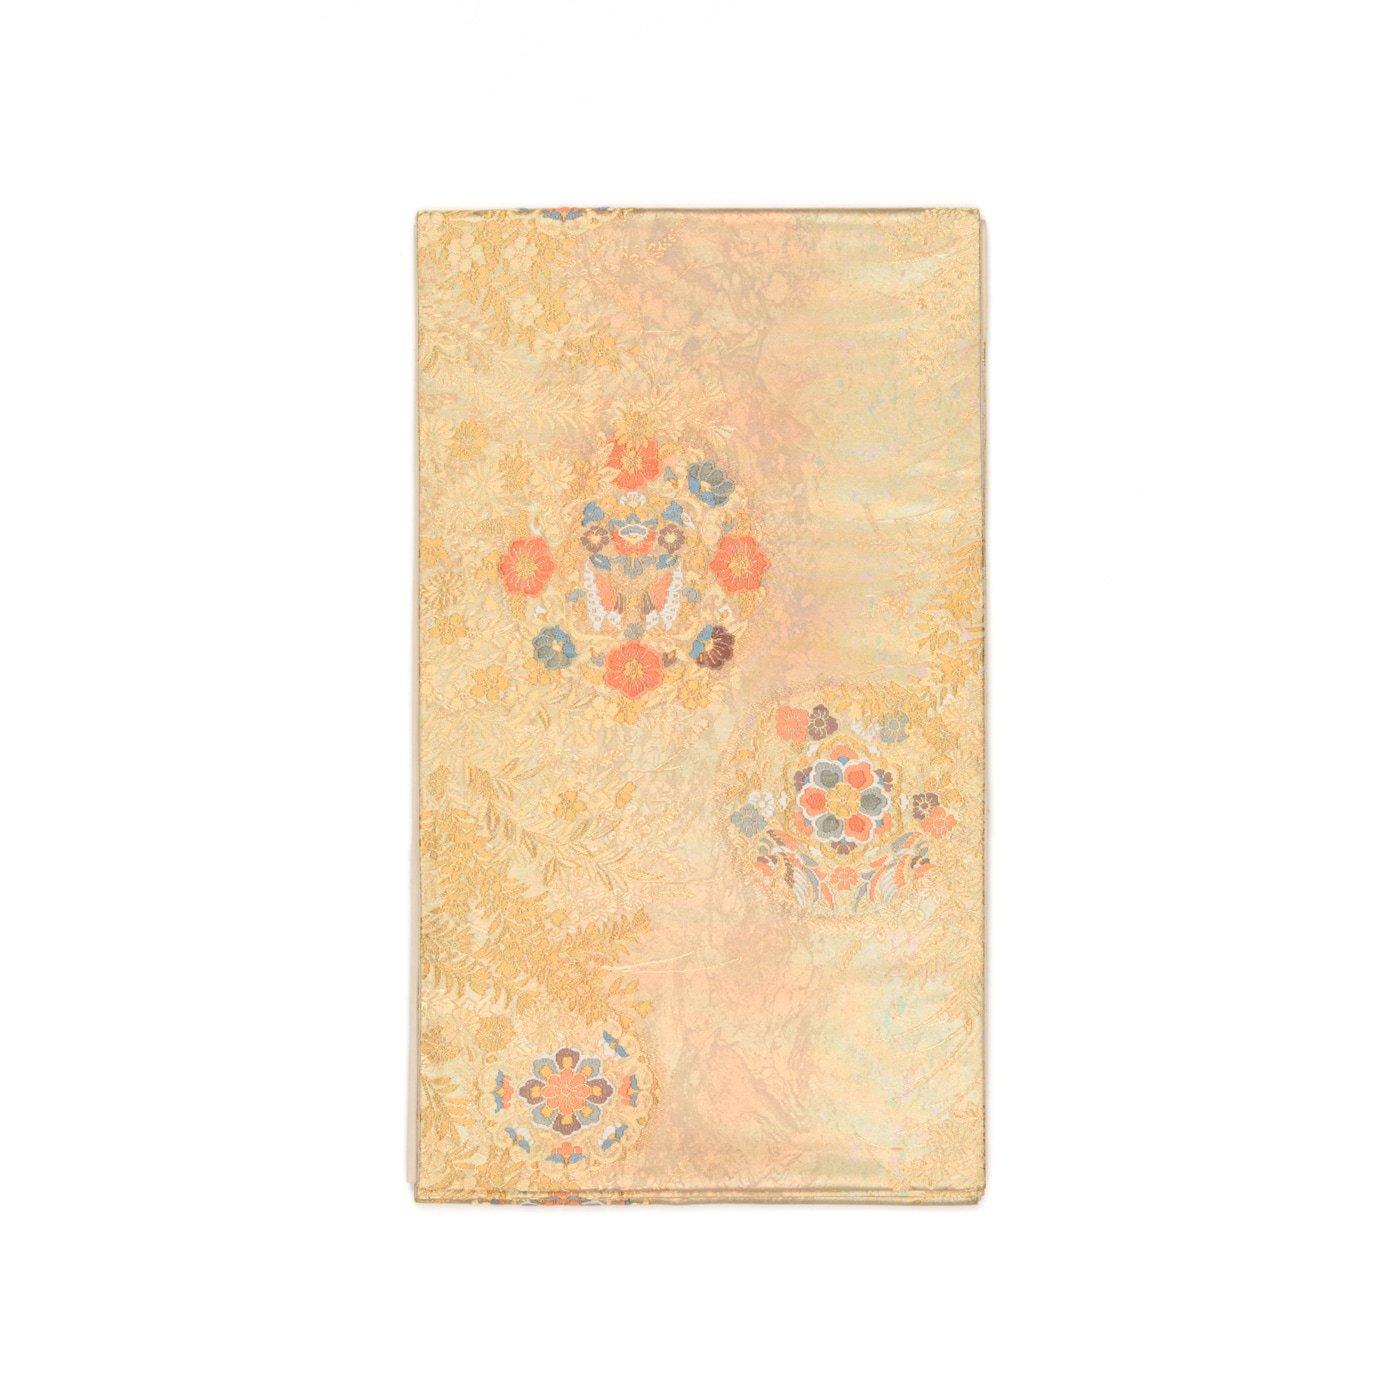 「袋帯●金地 揚羽蝶と華紋など」の商品画像